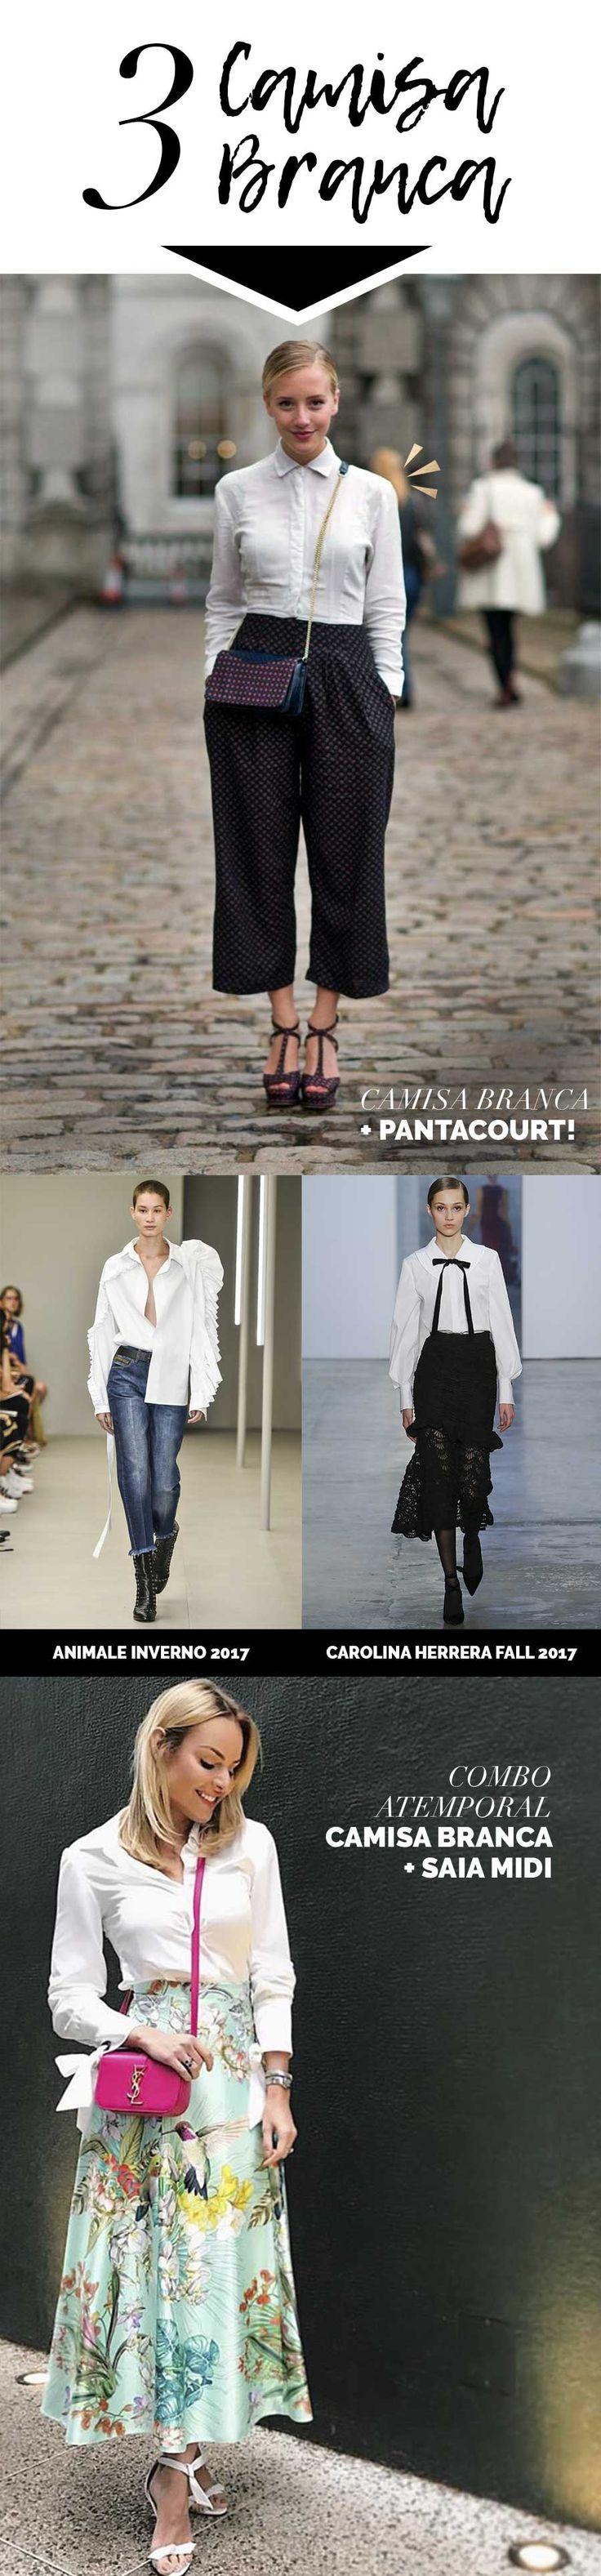 Layla Monteiro indica as 8 peças que não saem de moda. Camisa branca é uma peça clássica e que combina com todos os estilos.